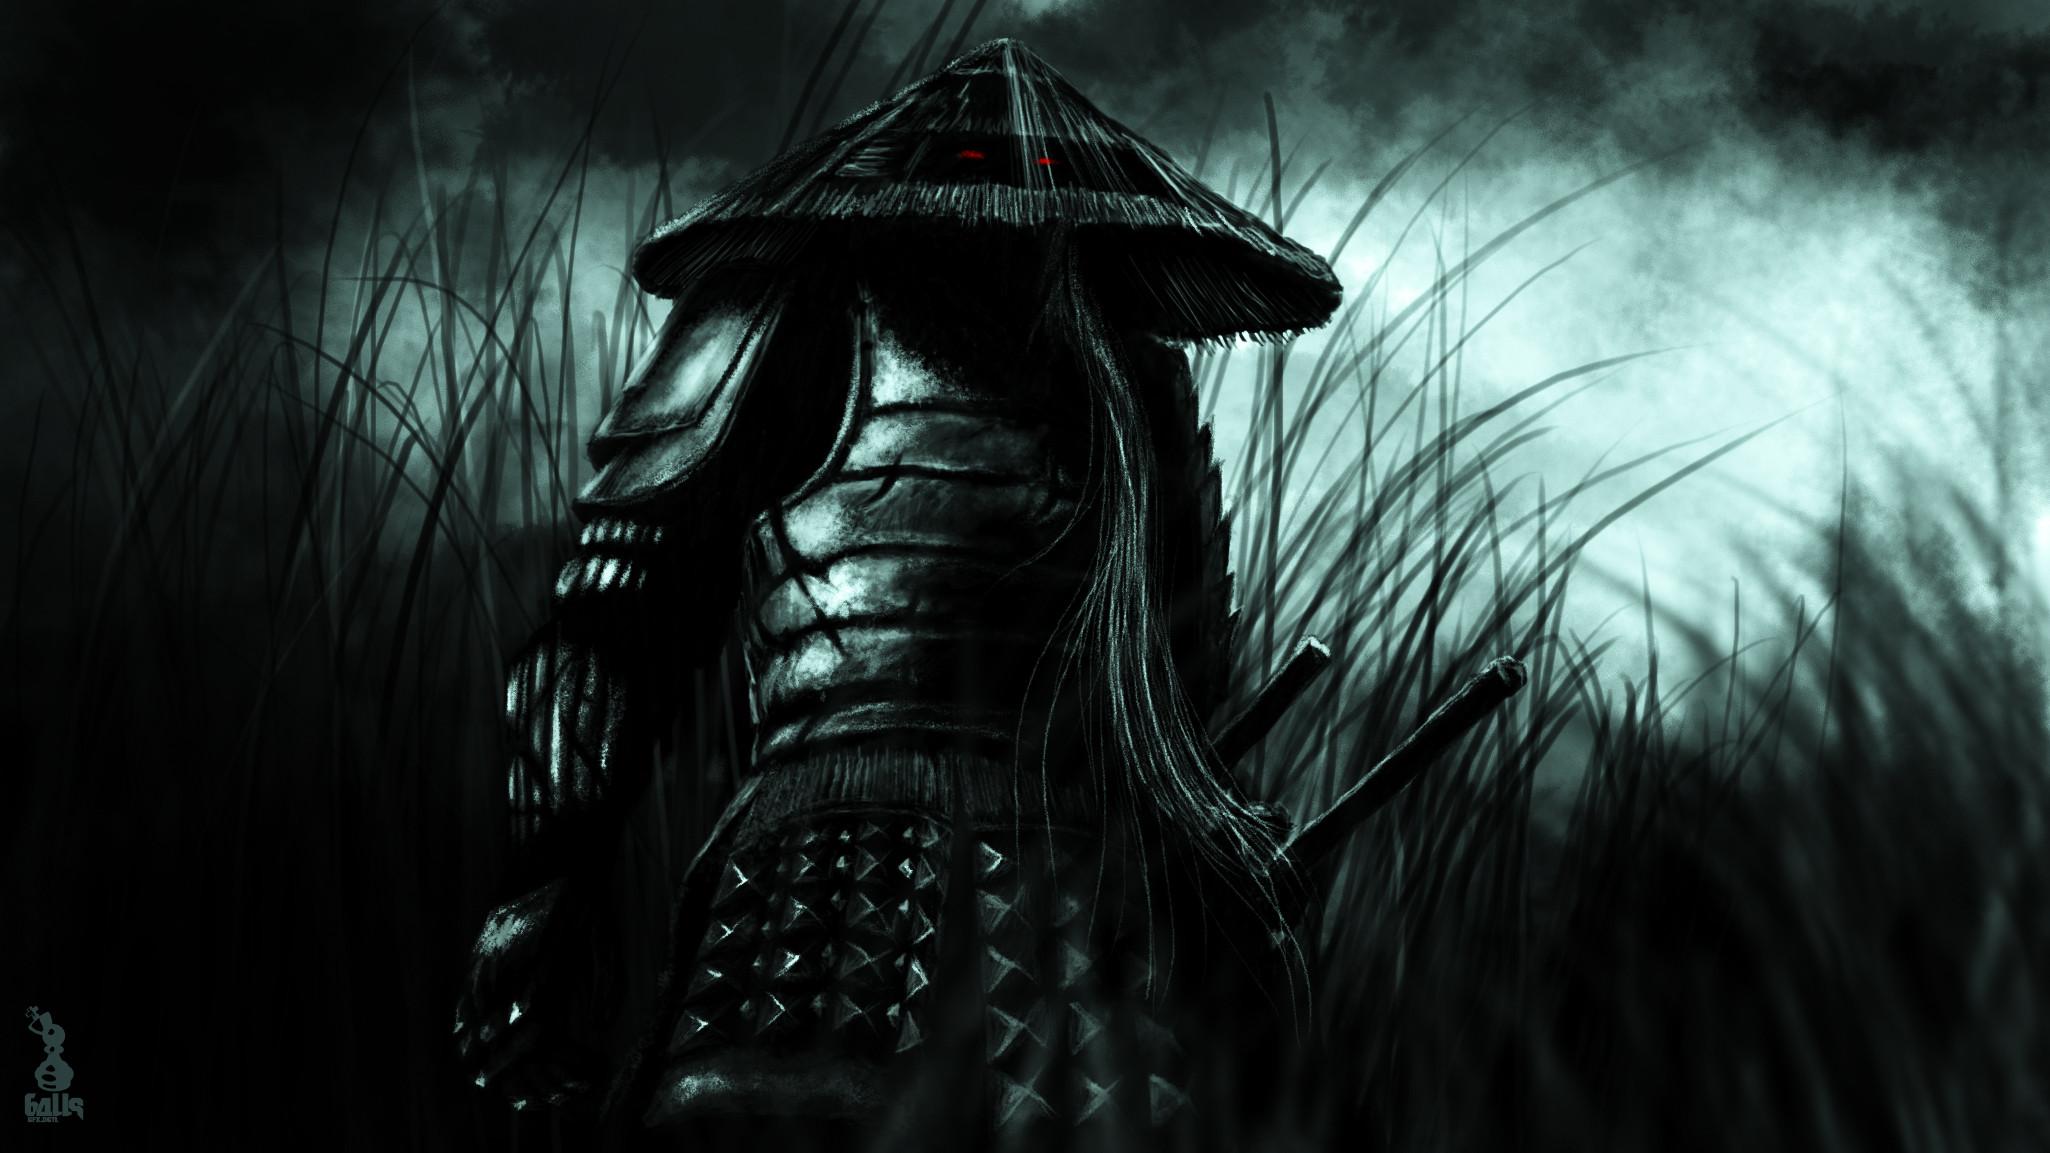 Bushido Samurai Wallpaper Bushido by balls 2050x1153